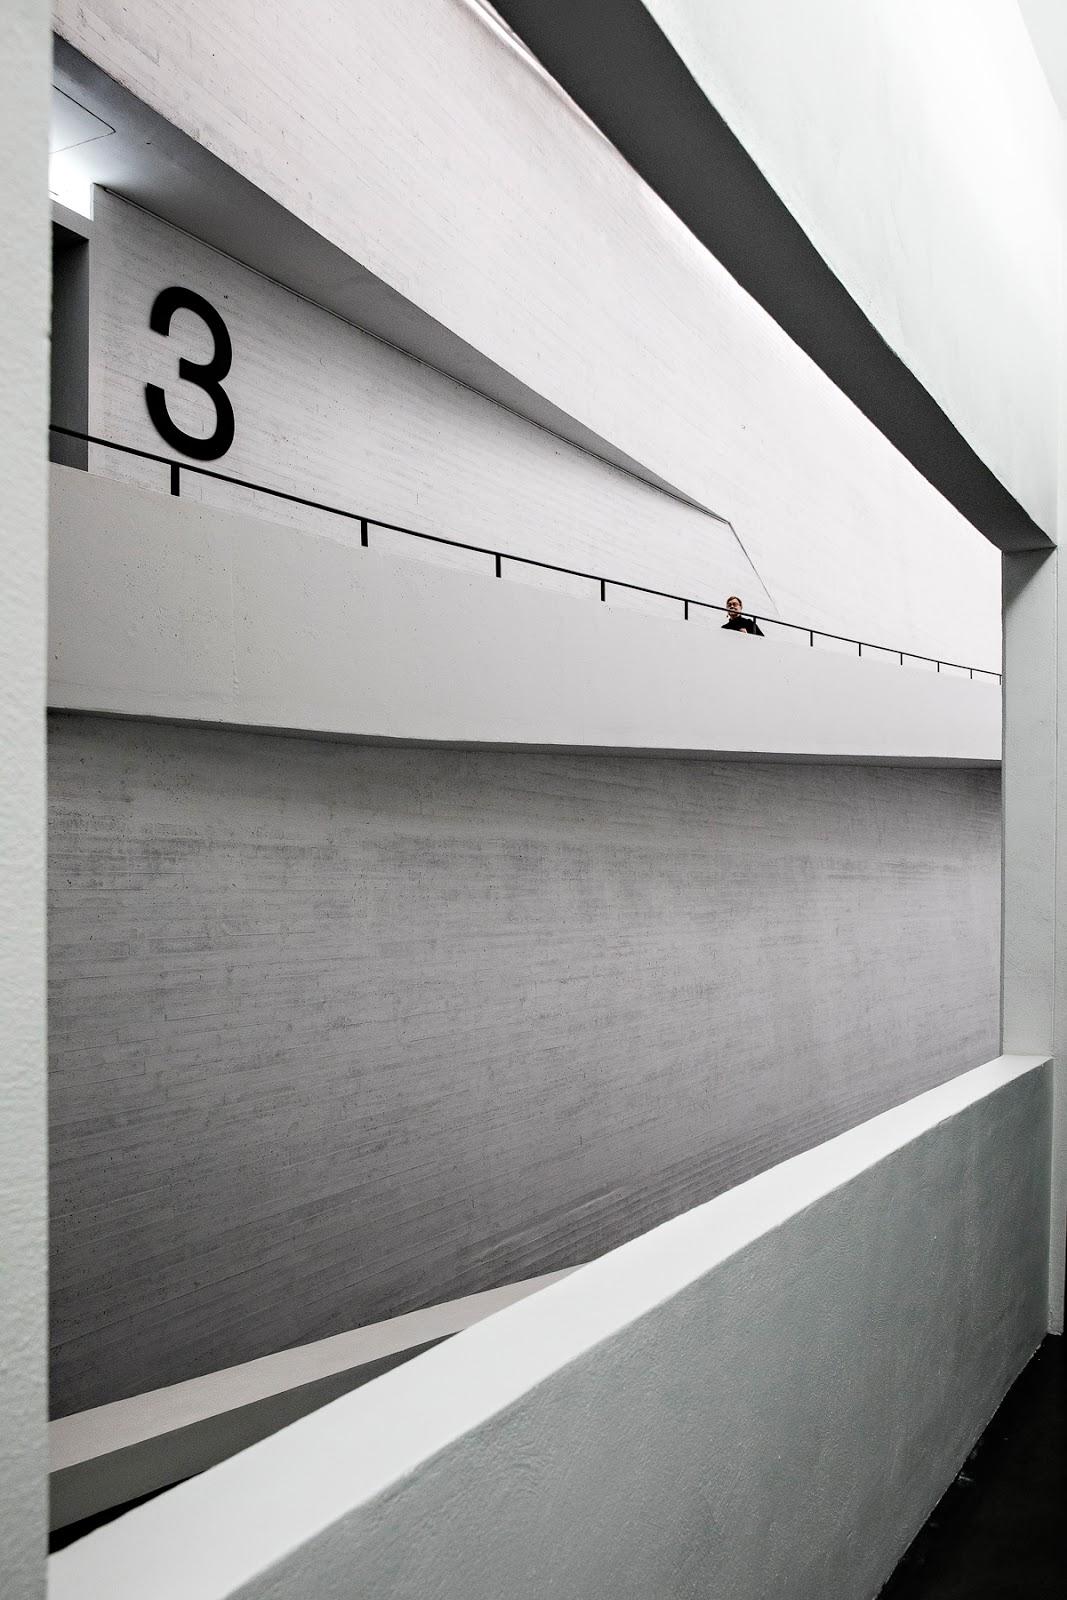 Kiasma, tademuseo, Helsinki, visithelsinki, Suomi, Finland, contemporary art, art museum, taide, nykytaide, photograpgy, valokuvaaja, Frida Steiner, Visualaddict, visualaddictfrida, näyttely, arkkitehtuuri, architecture, modern